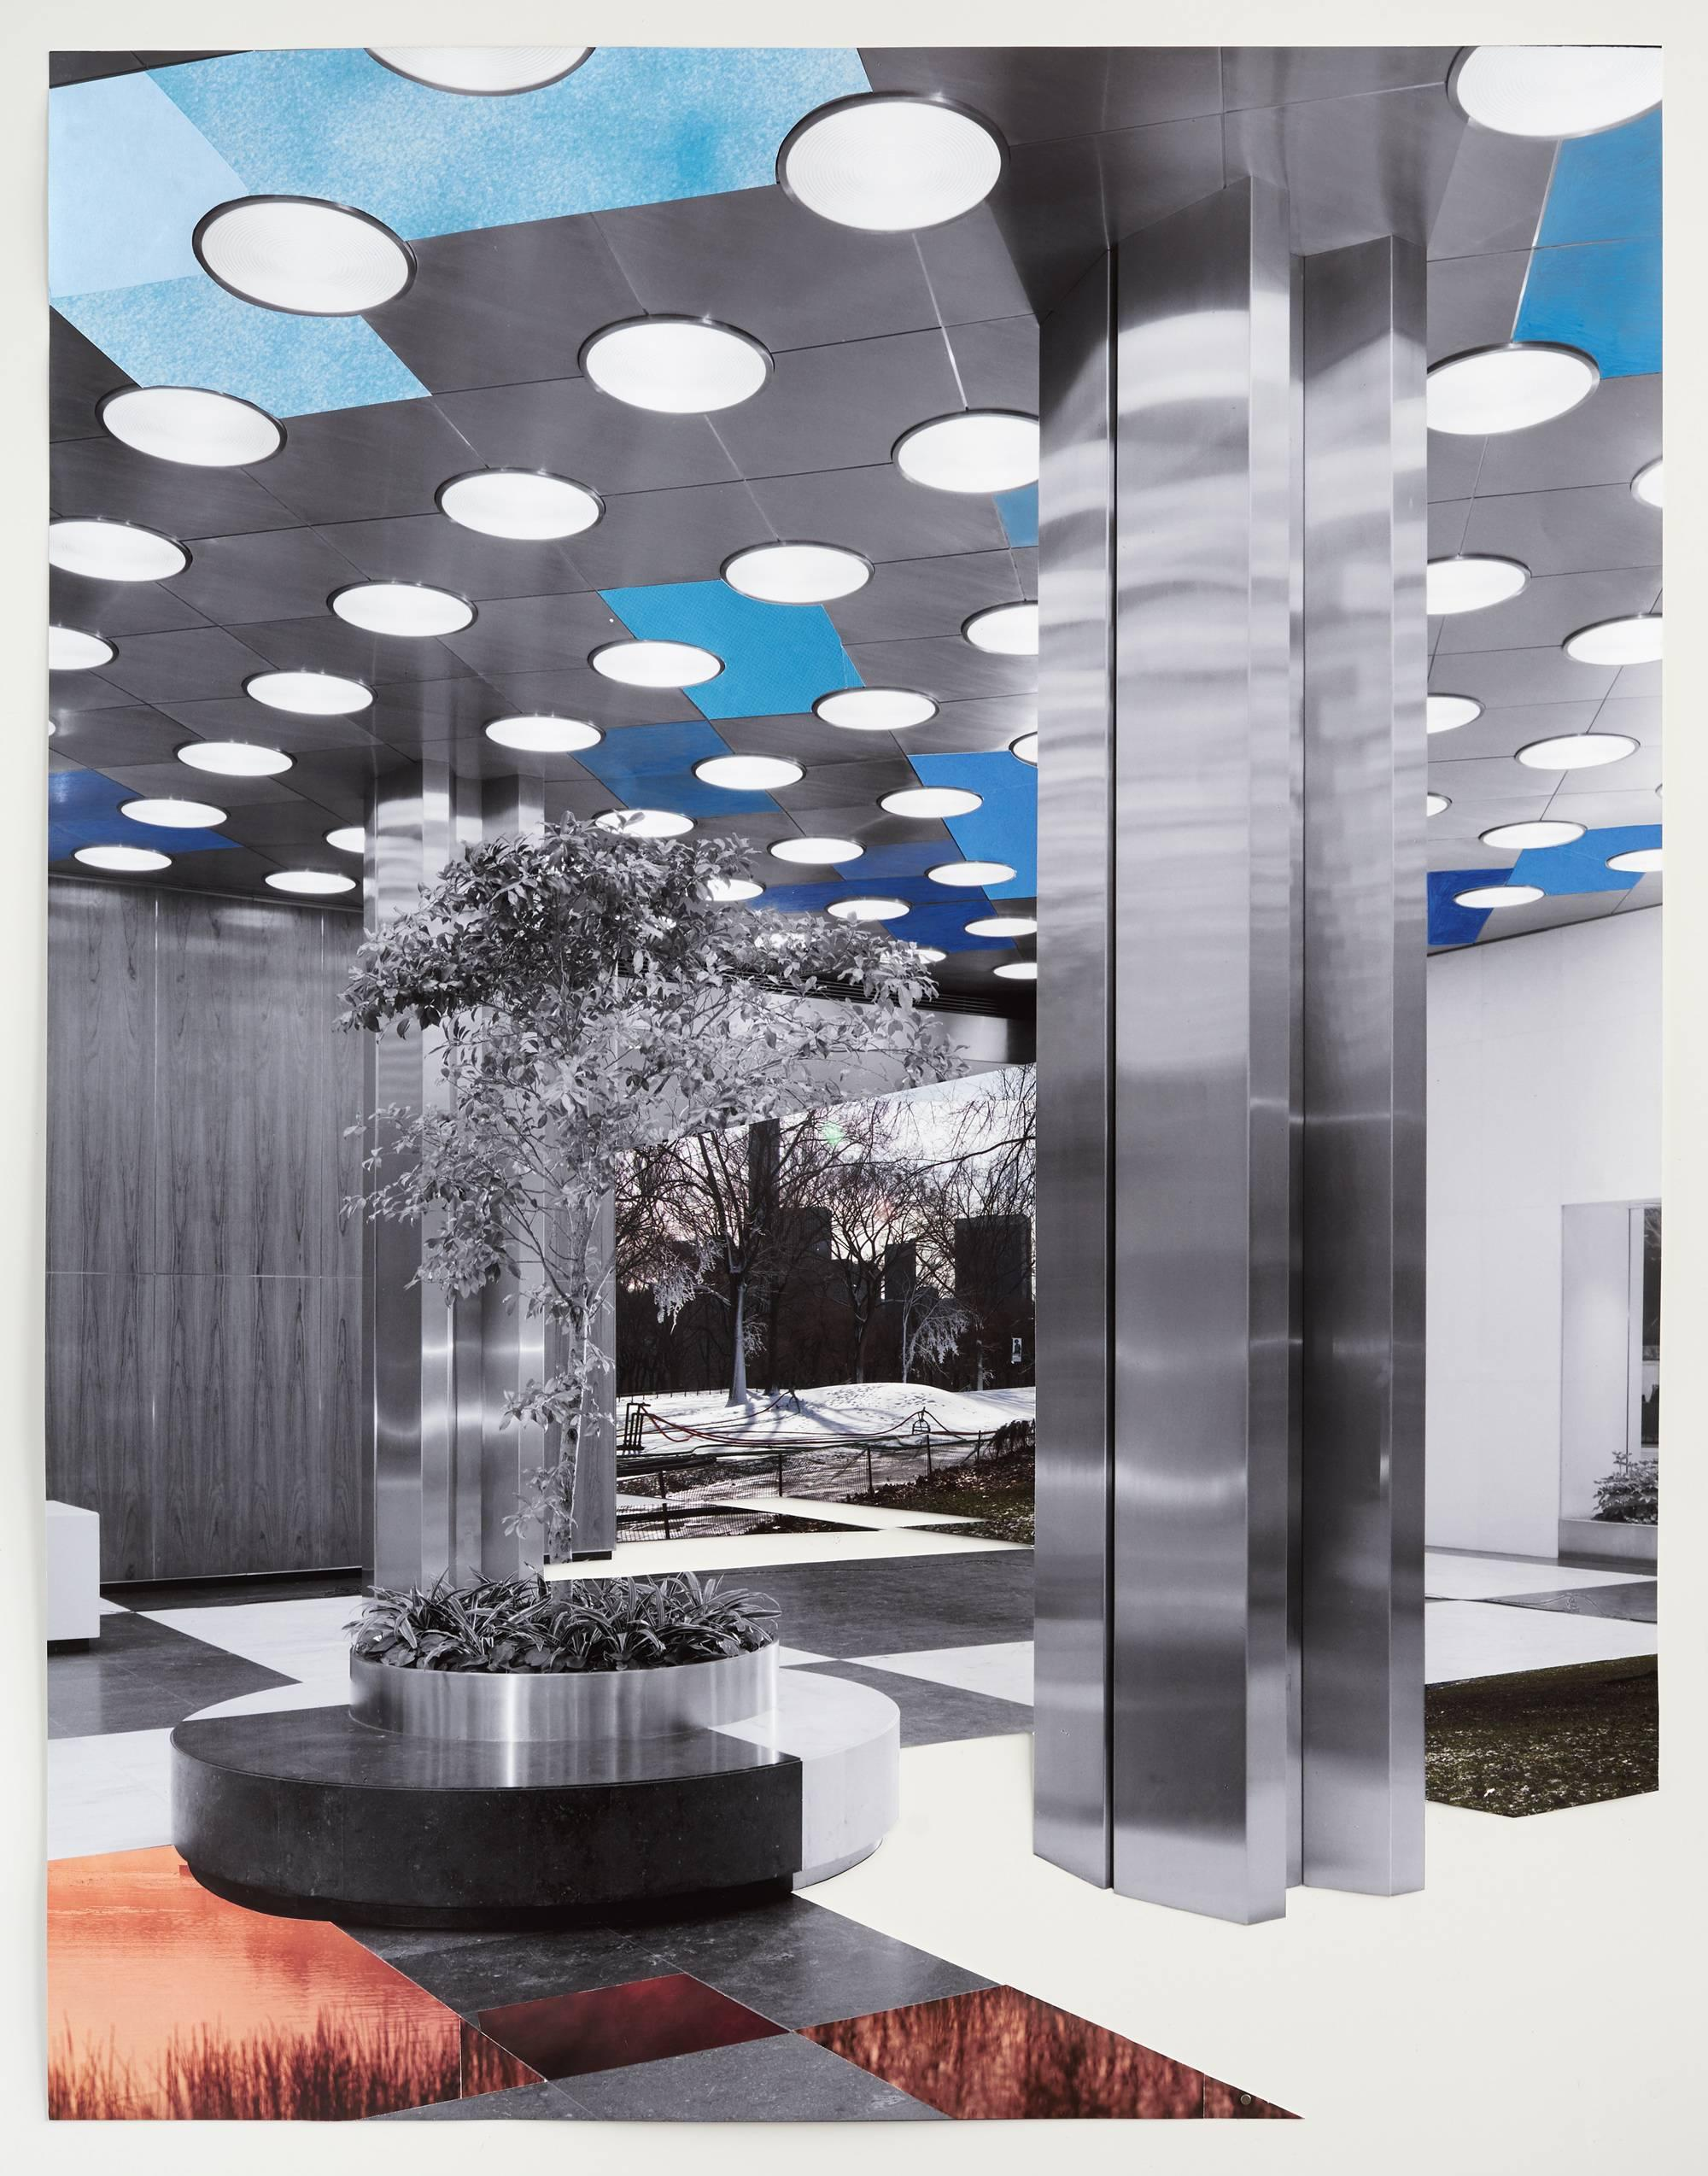 Lobby I, 2016